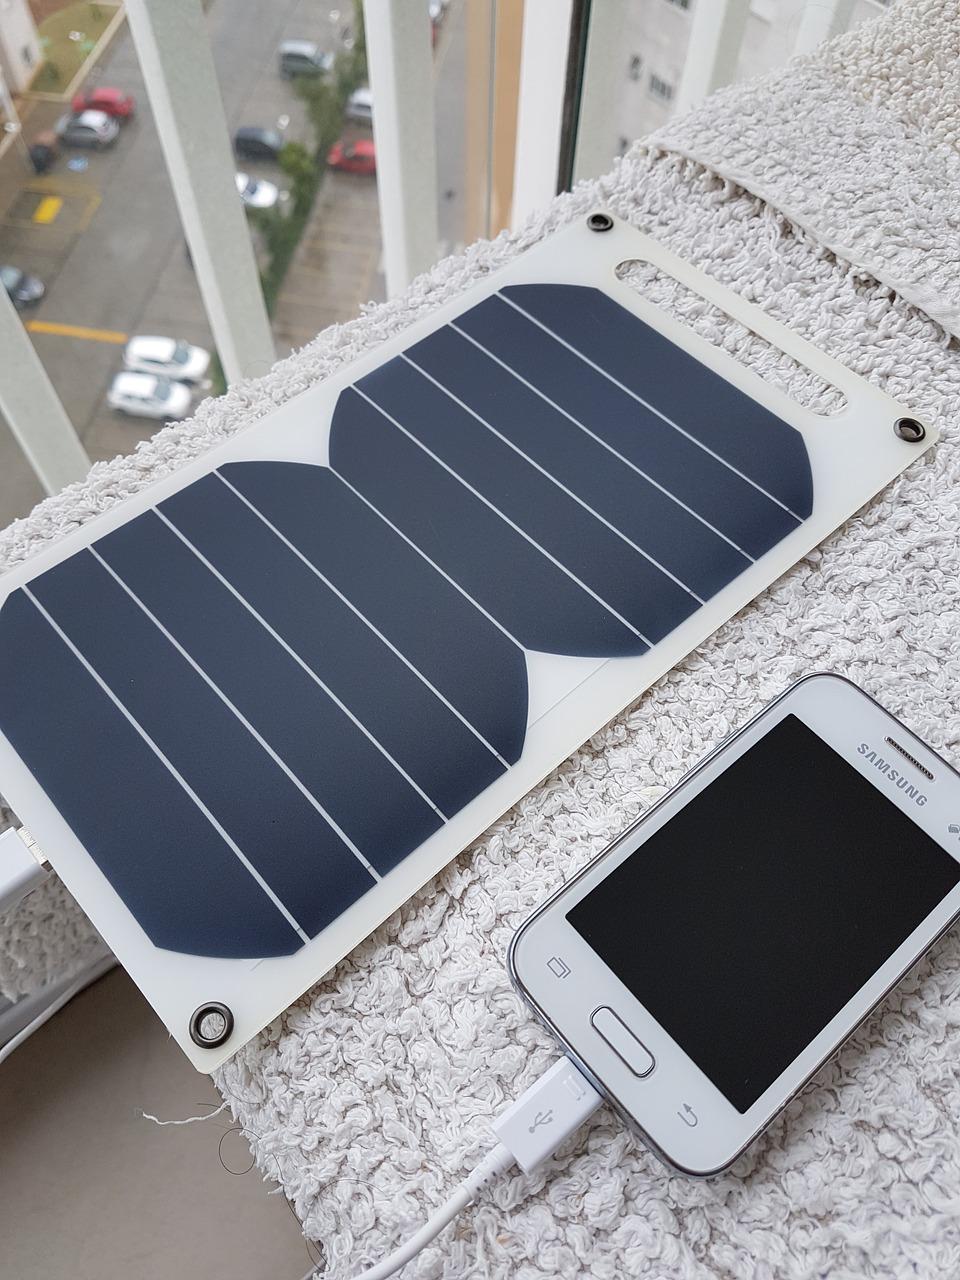 placas solares pequeñas